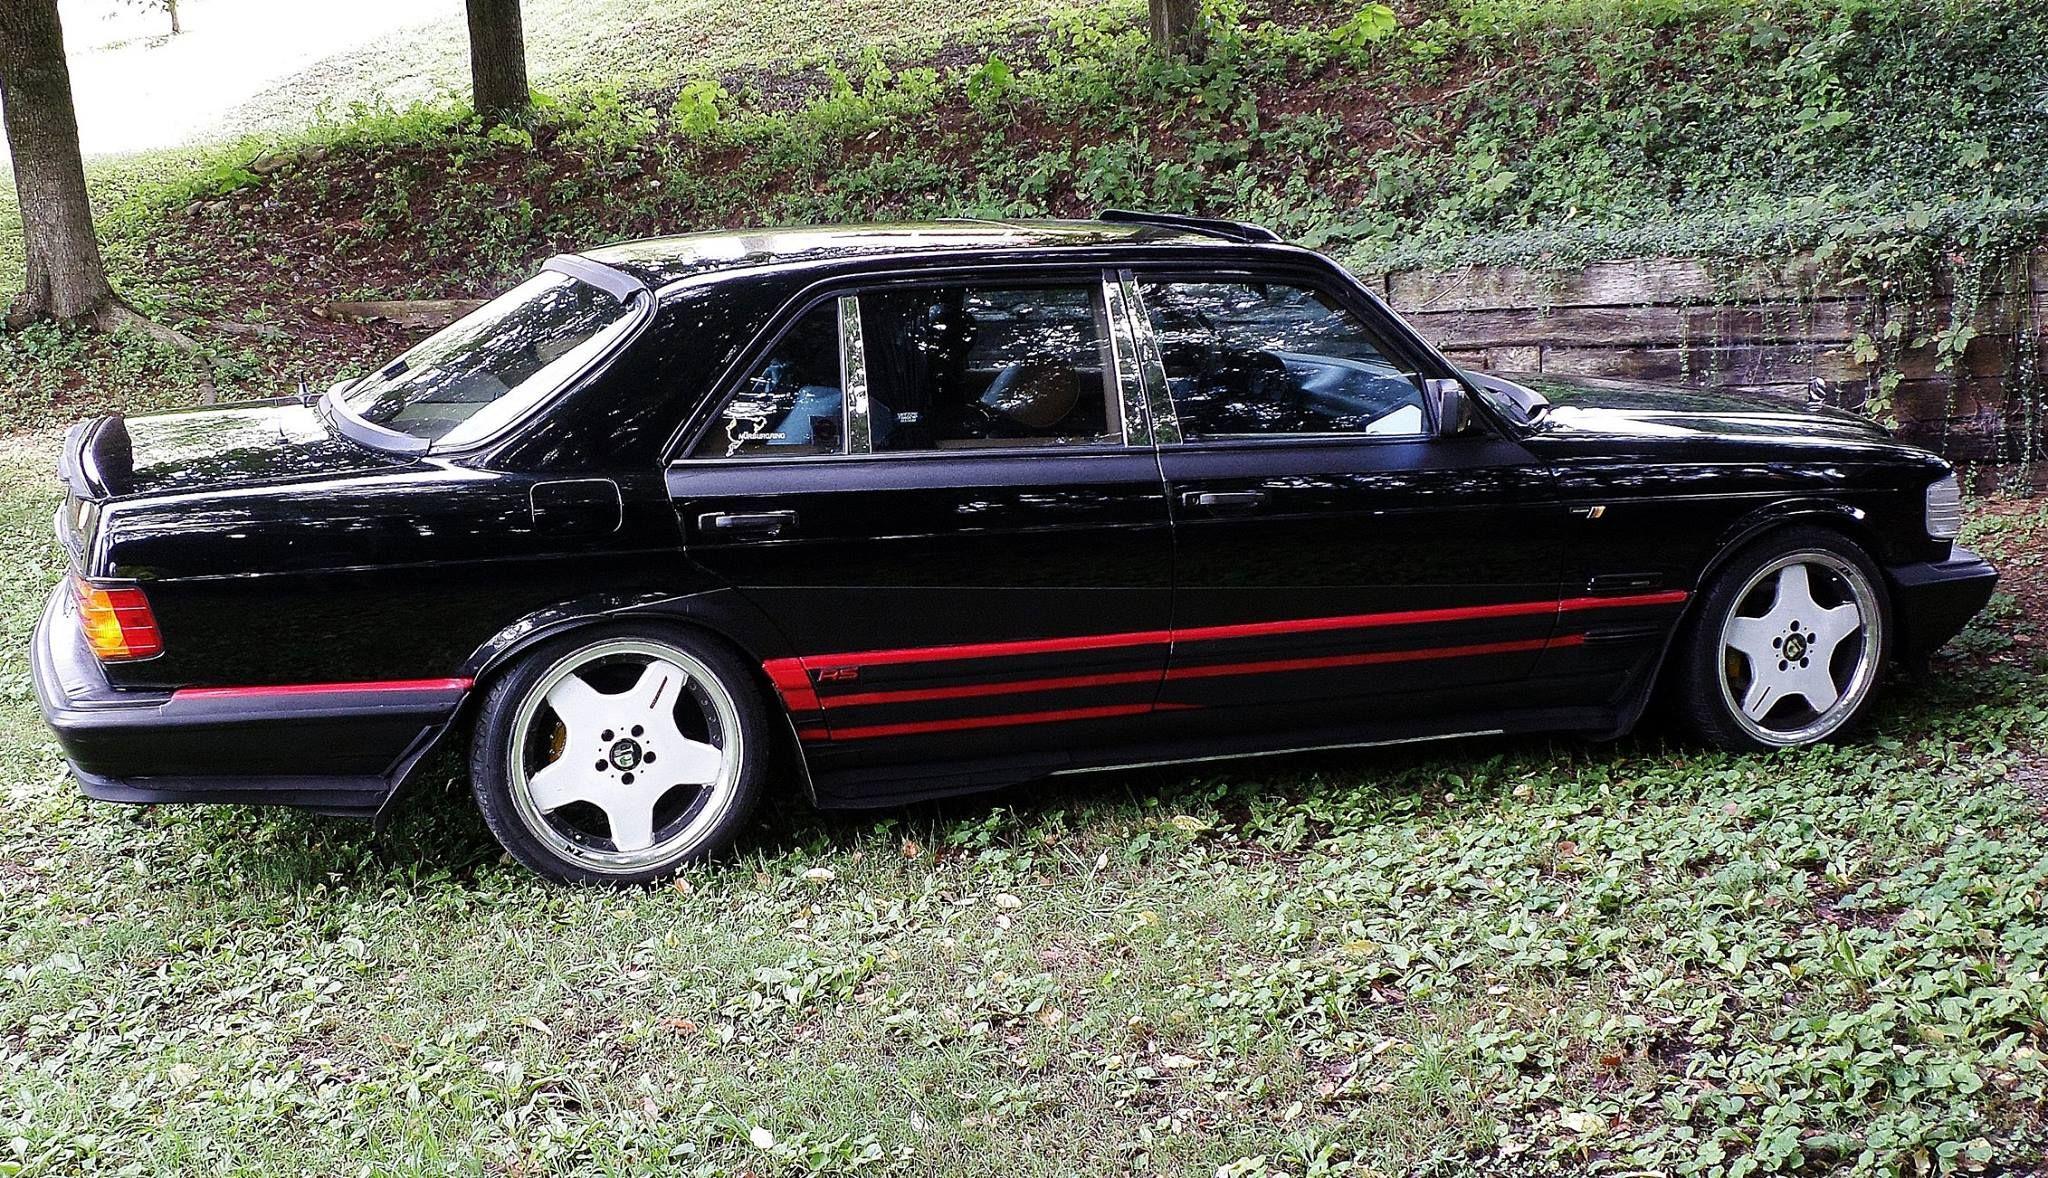 Mercedes-Benz W124 500 E Verkleidung